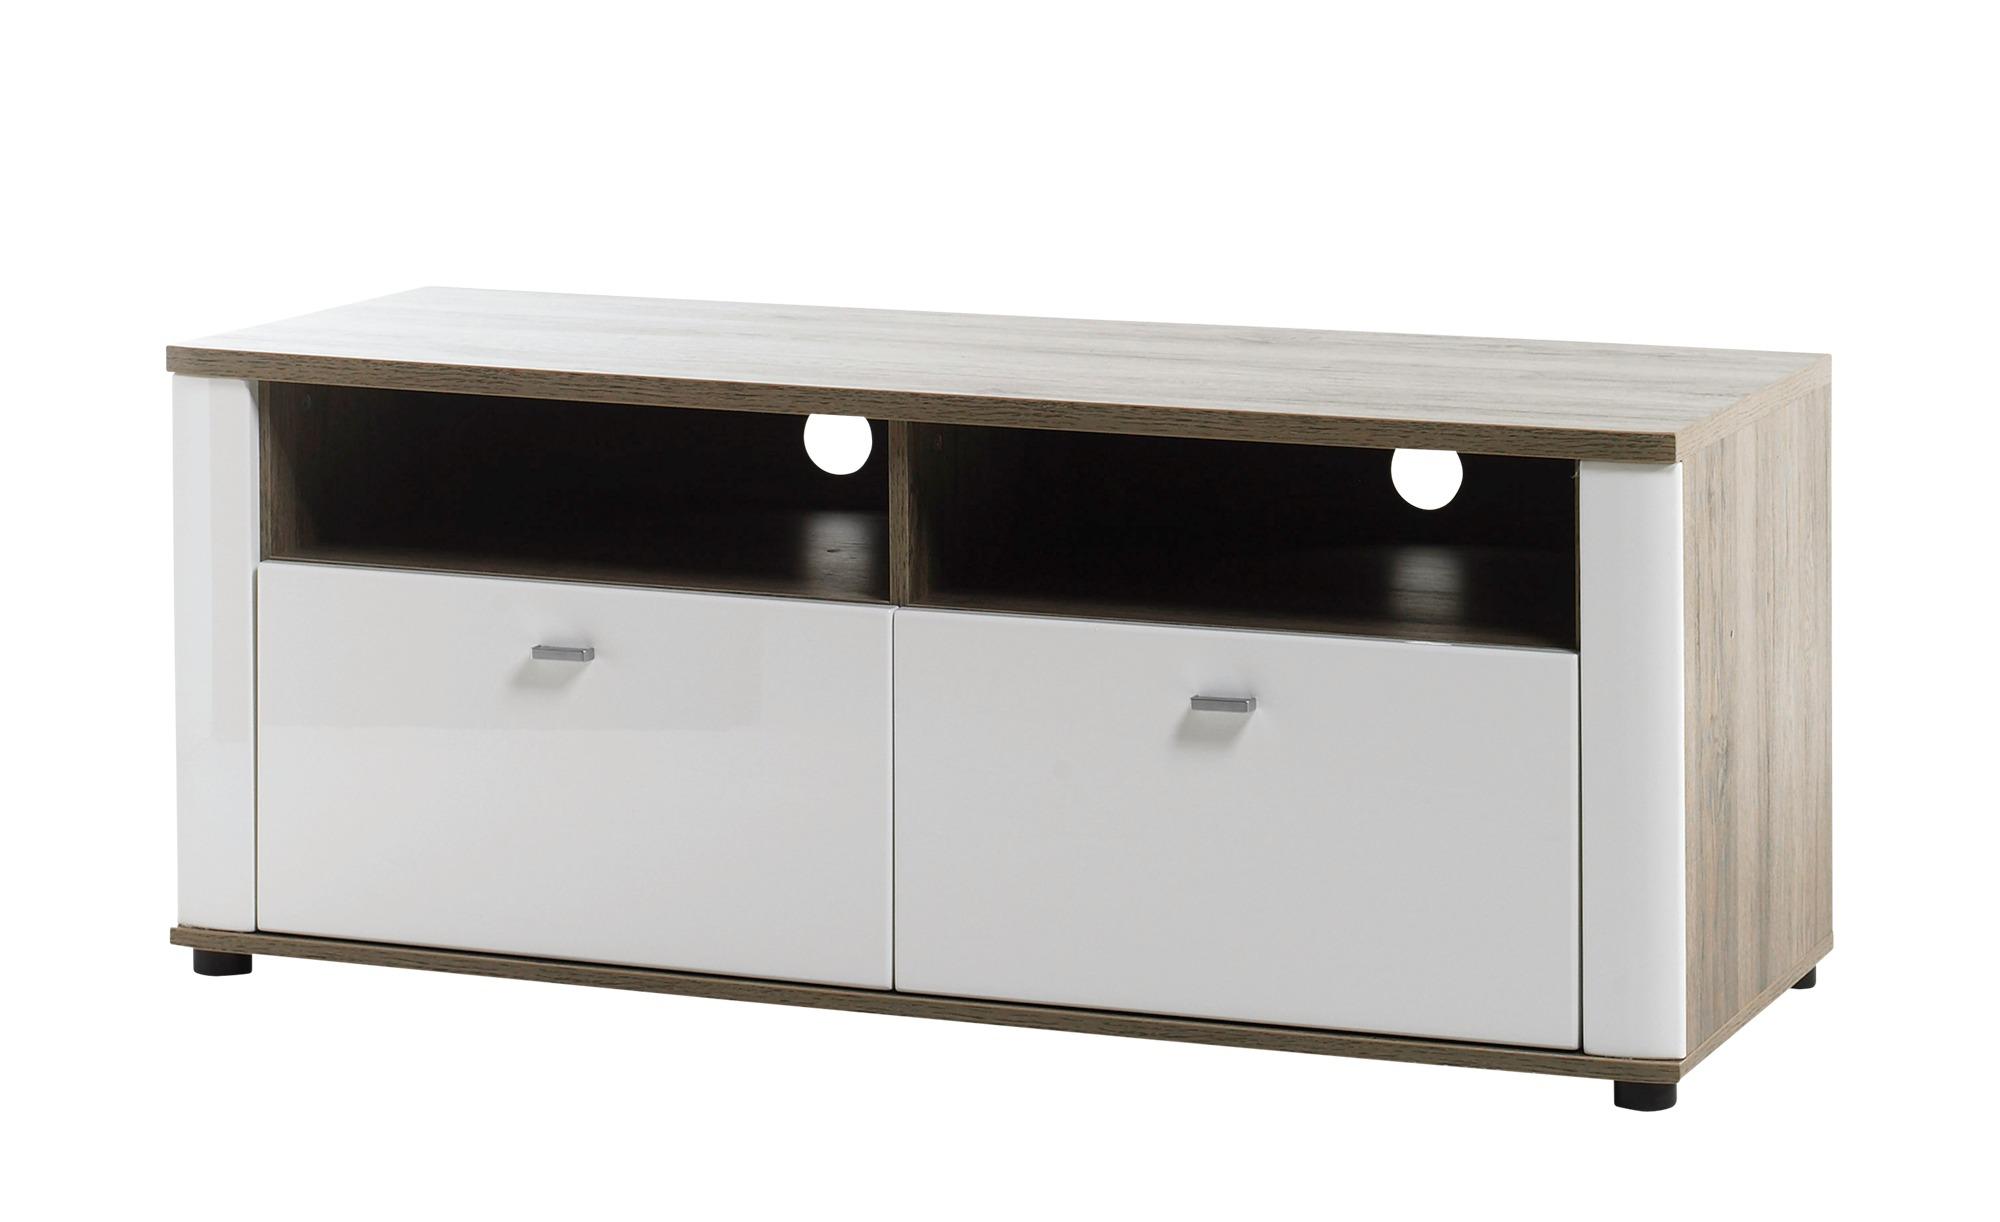 TV-Element Modena Breite: 125 Cm Höhe: 48 Cm Weiß Online